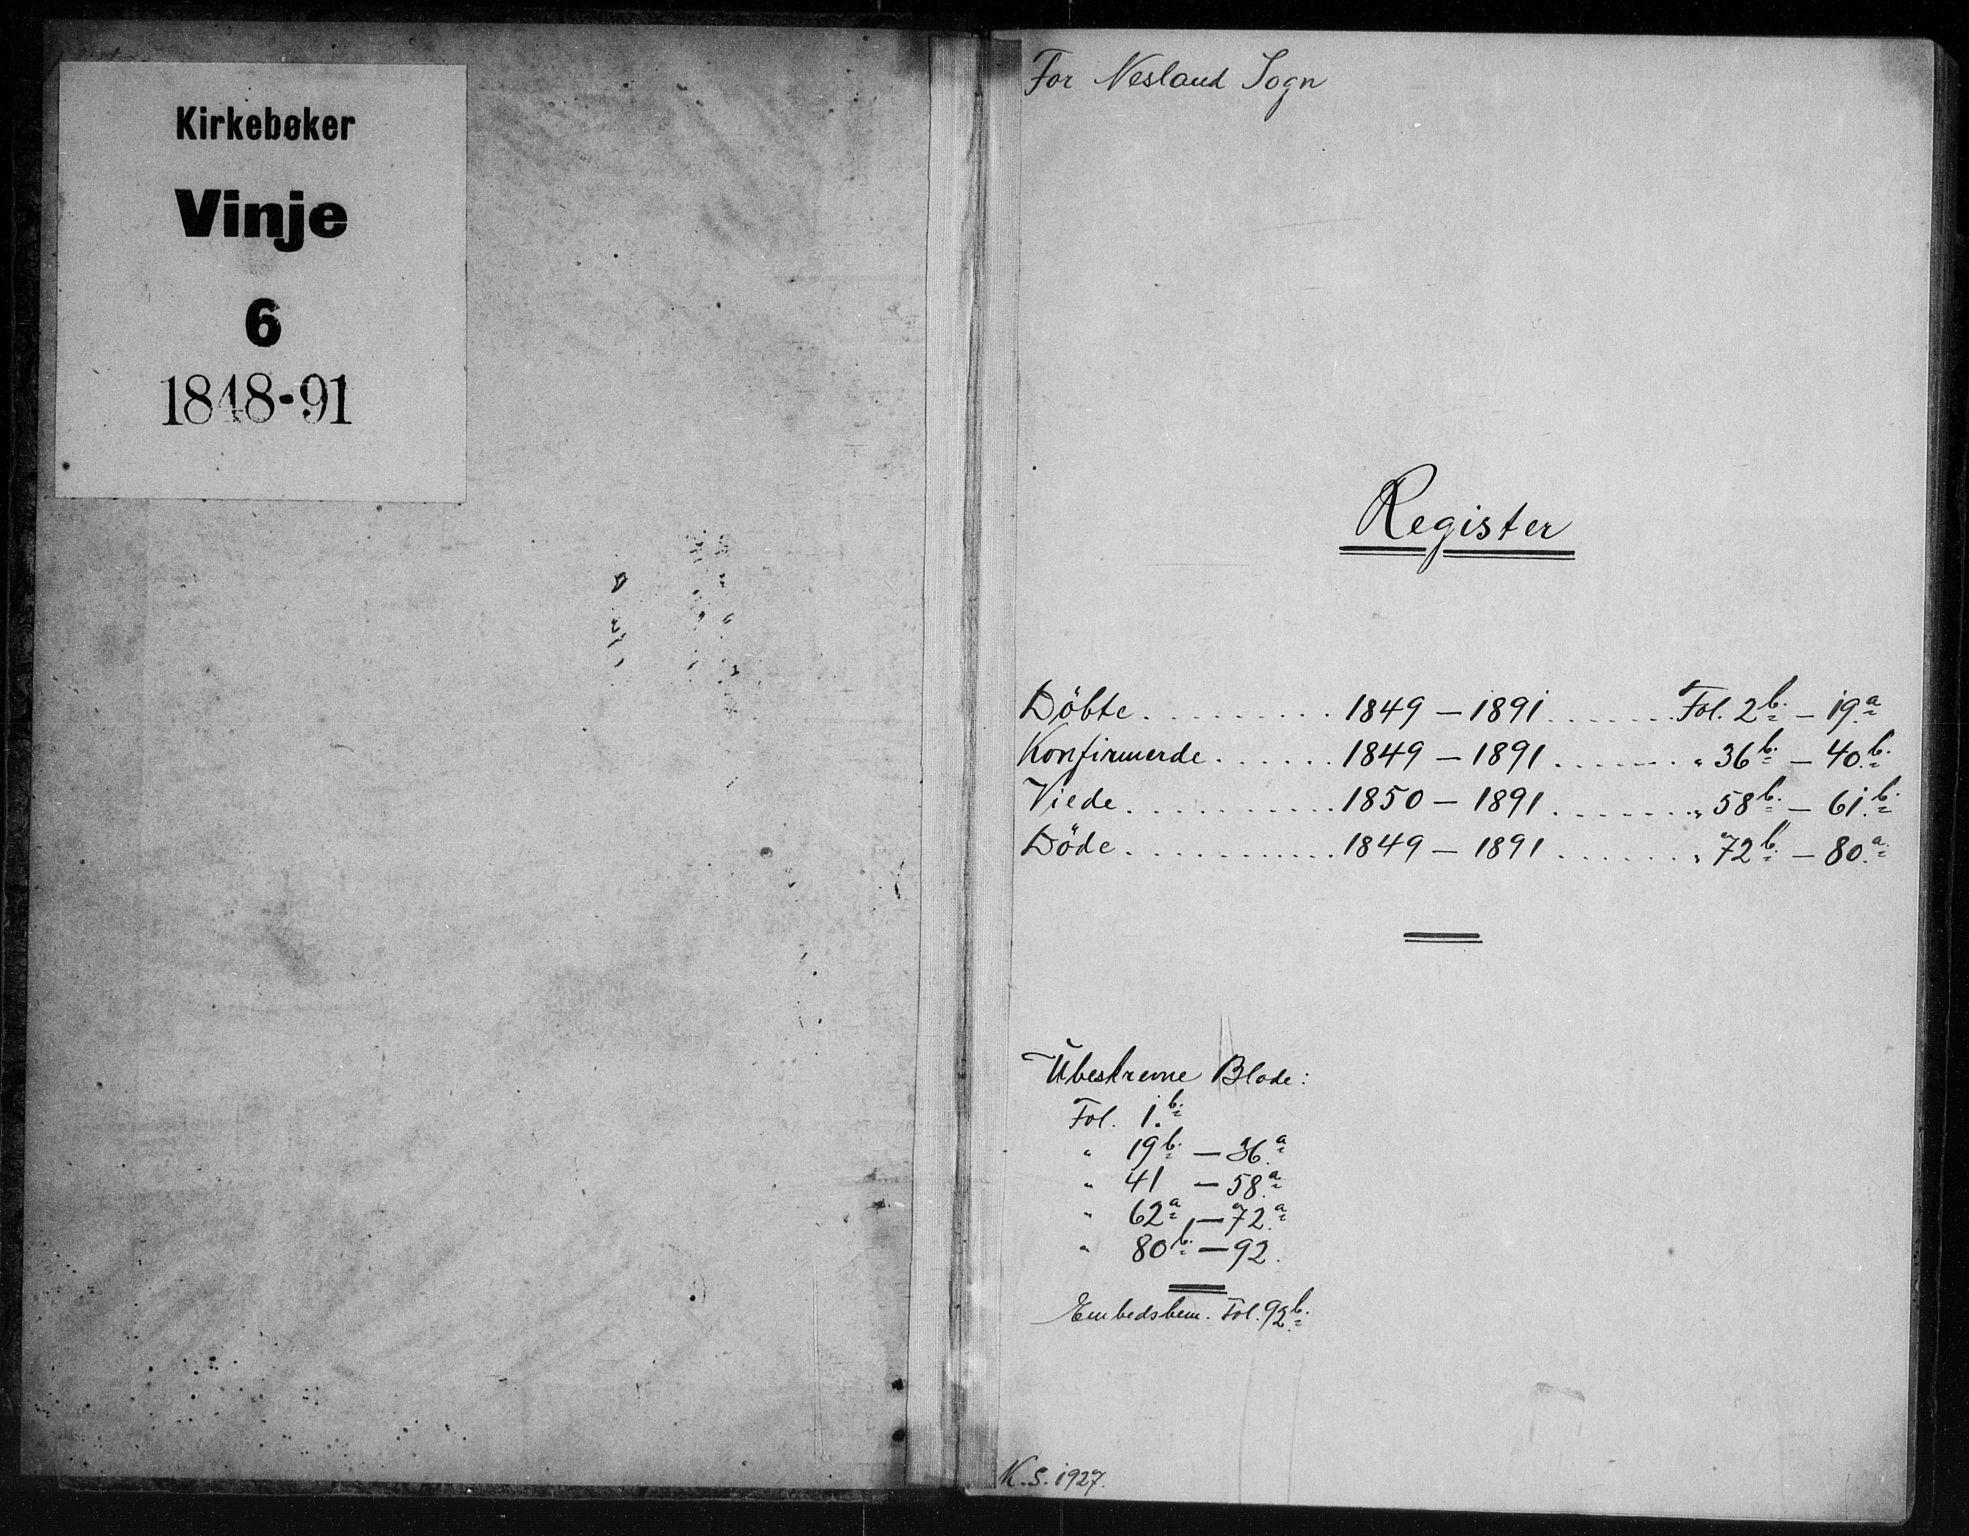 SAKO, Vinje kirkebøker, G/Gb/L0002: Klokkerbok nr. II 2, 1849-1891